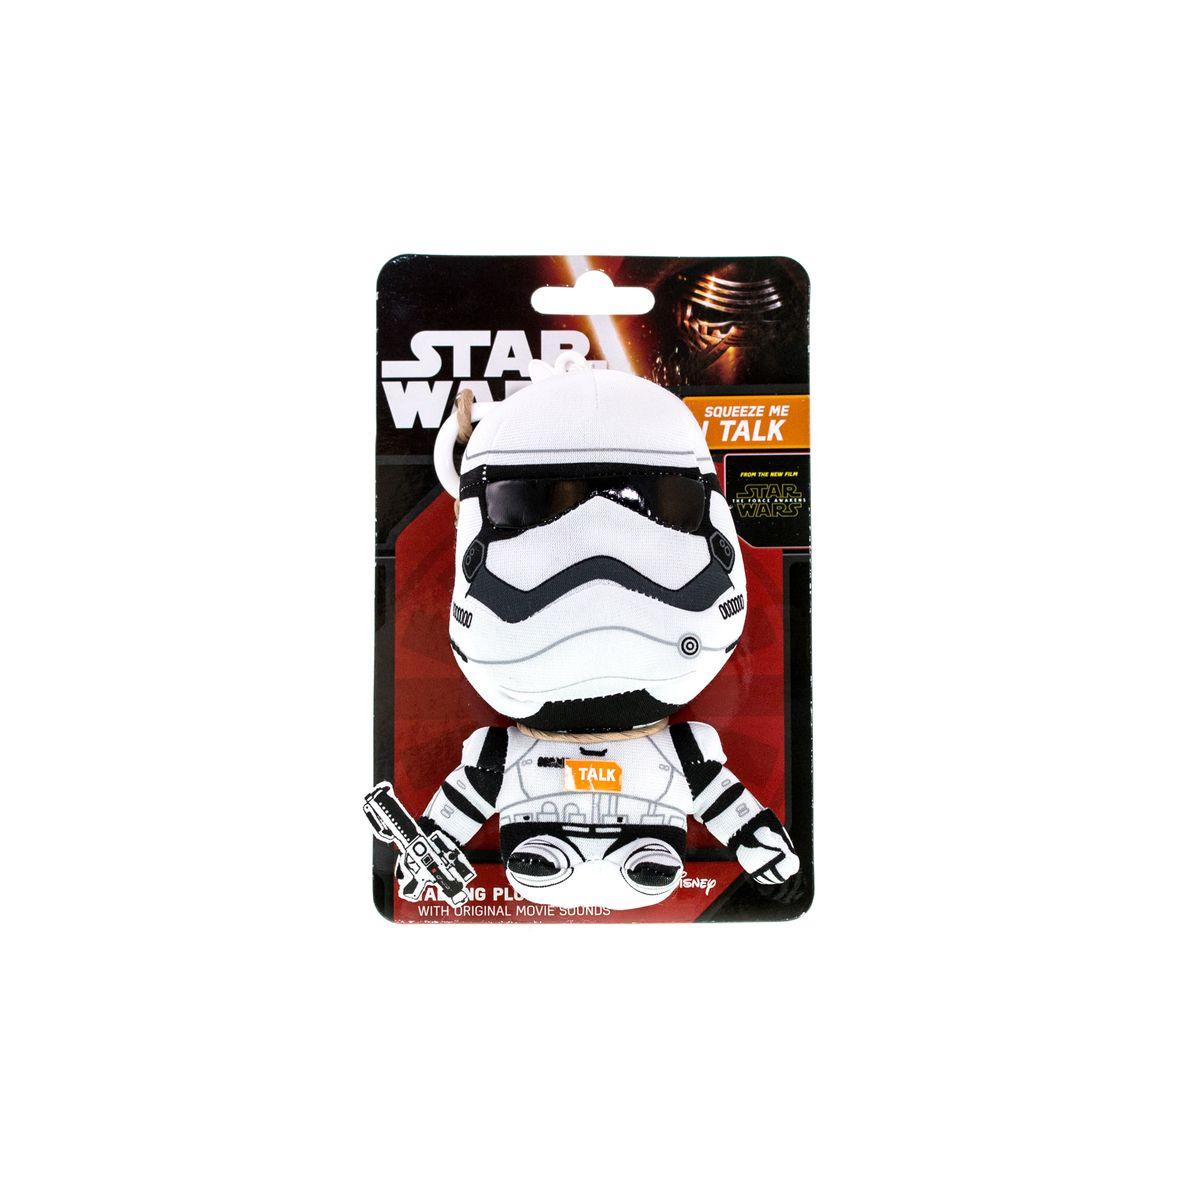 Star Wars Мягкая игрушка-брелок ШтурмовикSW01902Мягкая игрушка-брелок Star Wars Штурмовик - милый и стильный аксессуар, который придется по душе поклонникам космической саги Звездные войны. Брелок можно повесить на связку ключей или рюкзак. Внутрь игрушки встроено электронное устройство, воспроизводящее звуки героя из фильма. Игрушка выполнена из материалов высокого качества, набивка - гипоаллергенный синтепон. Работает от незаменяемых батареек.